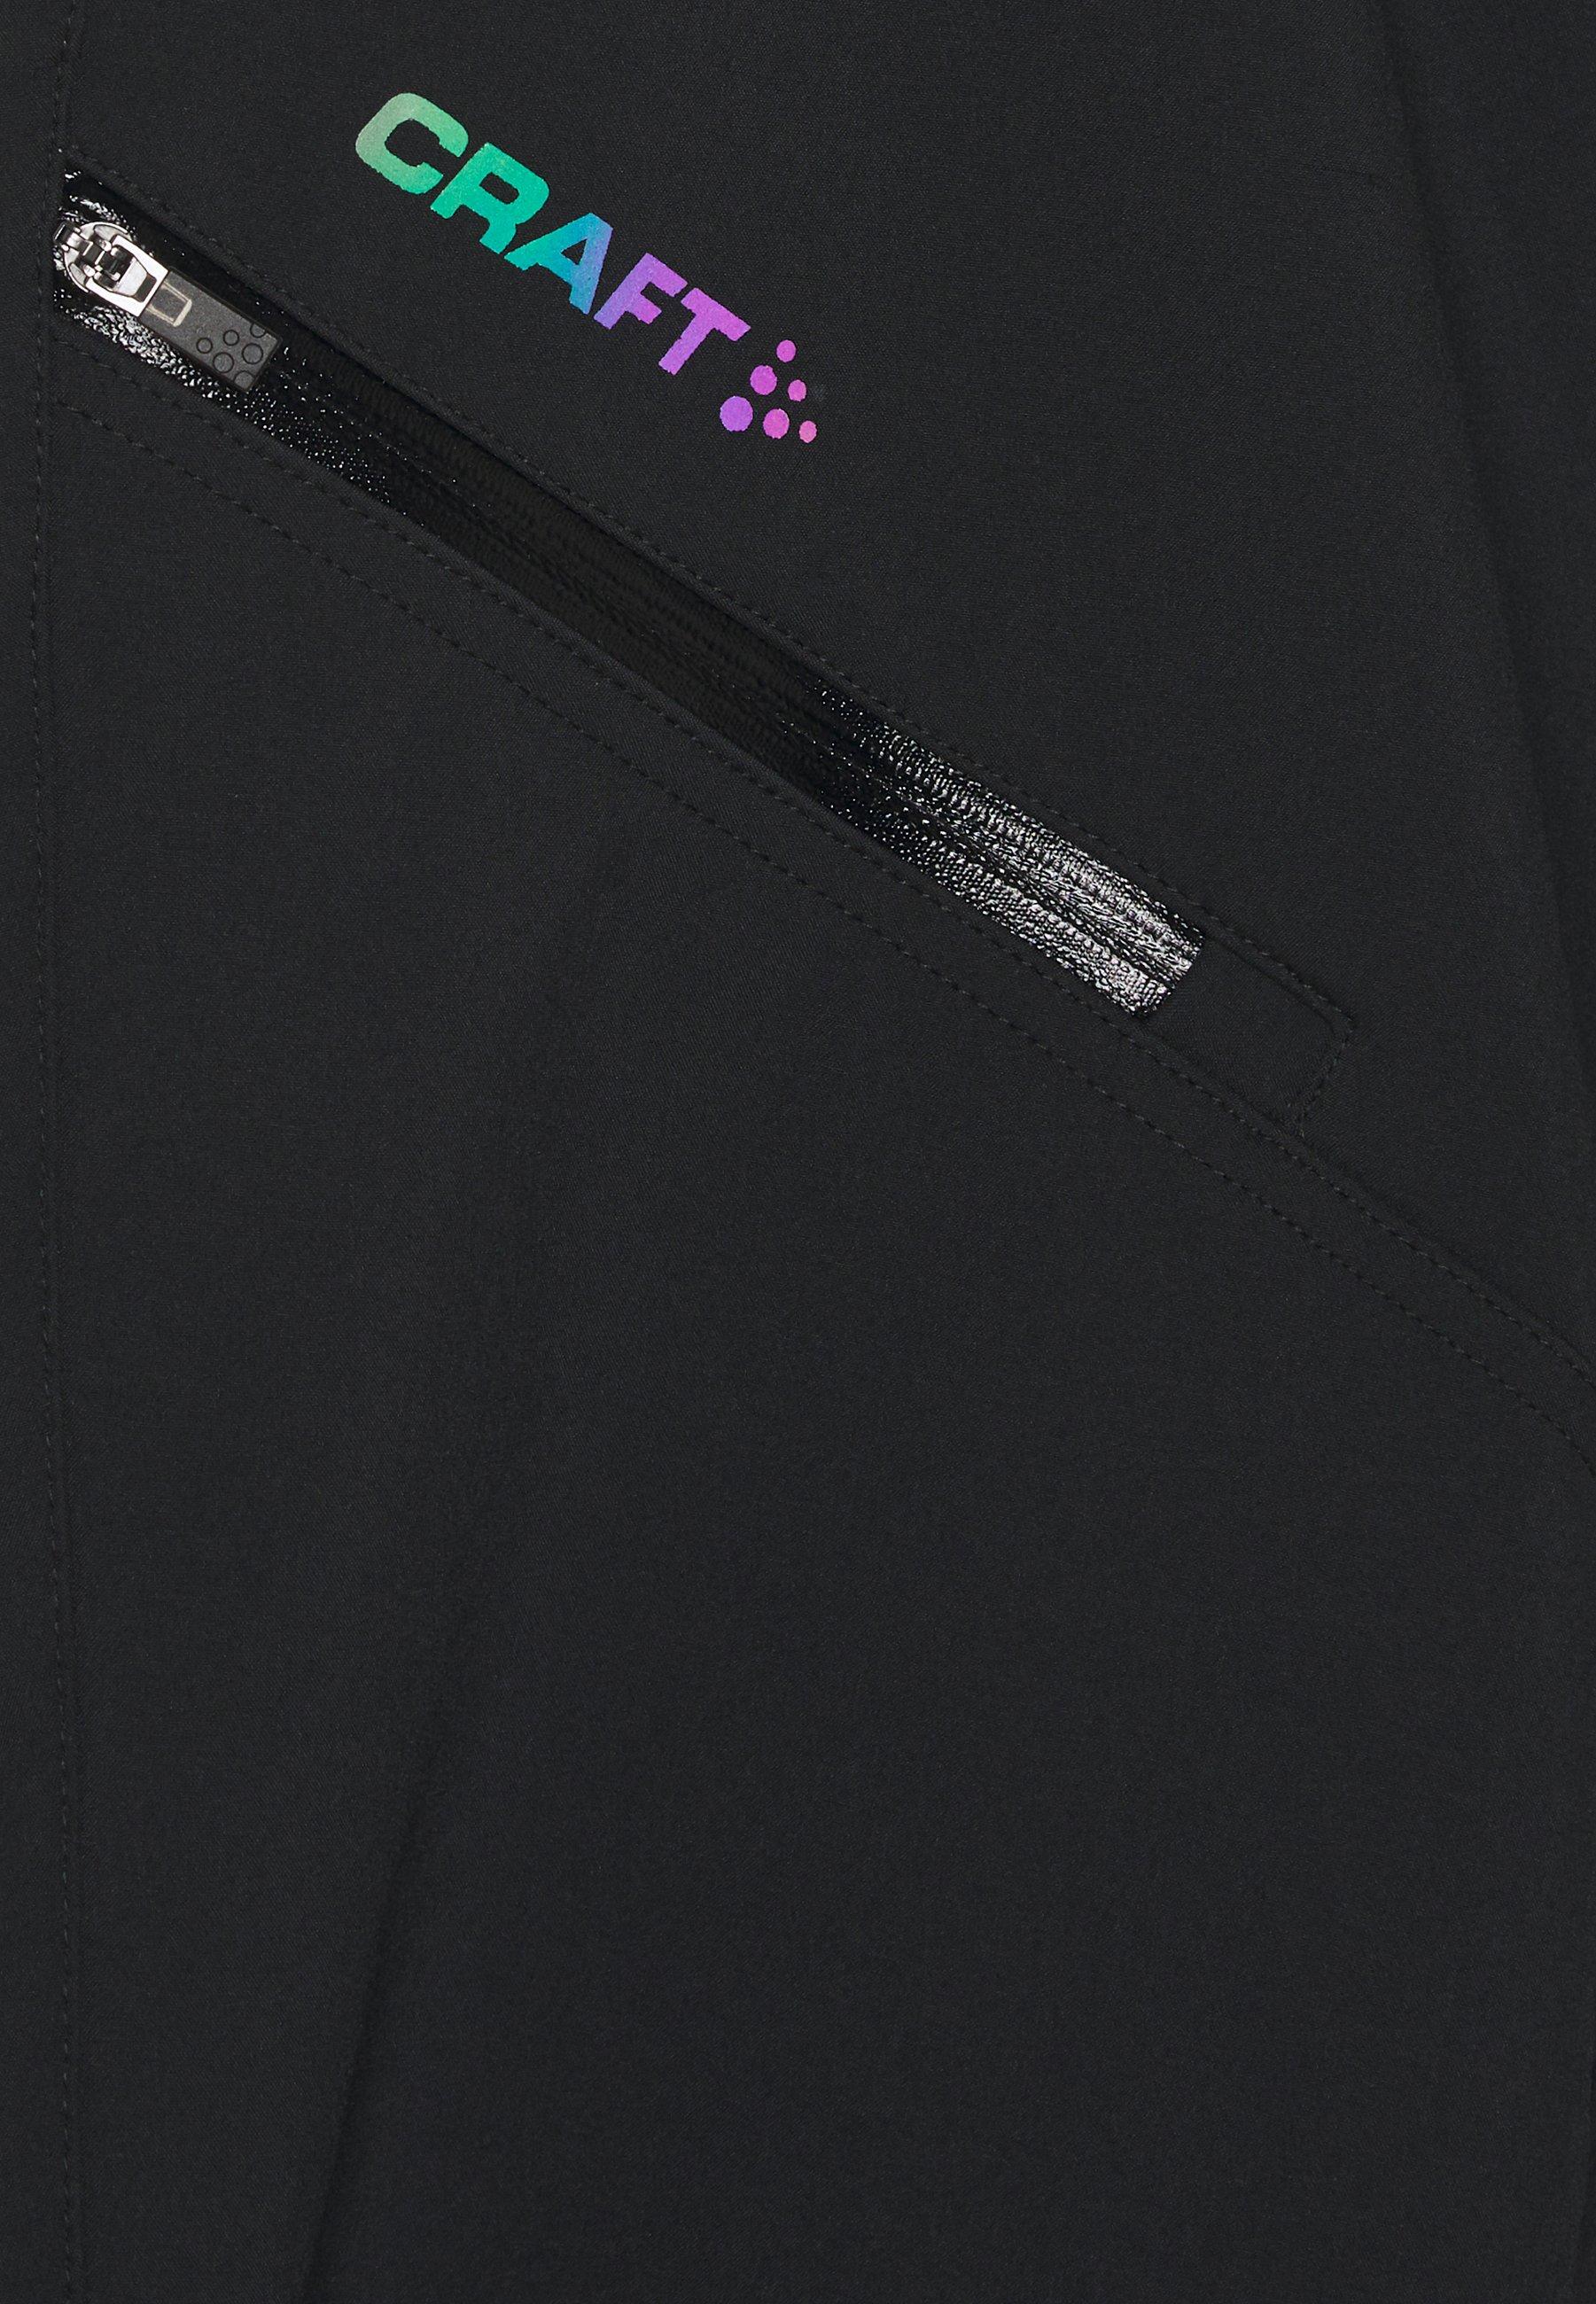 Recomendar Descuento Ropa de hombre Craft PANTS Pantalones montañeros largos black LOSbYk